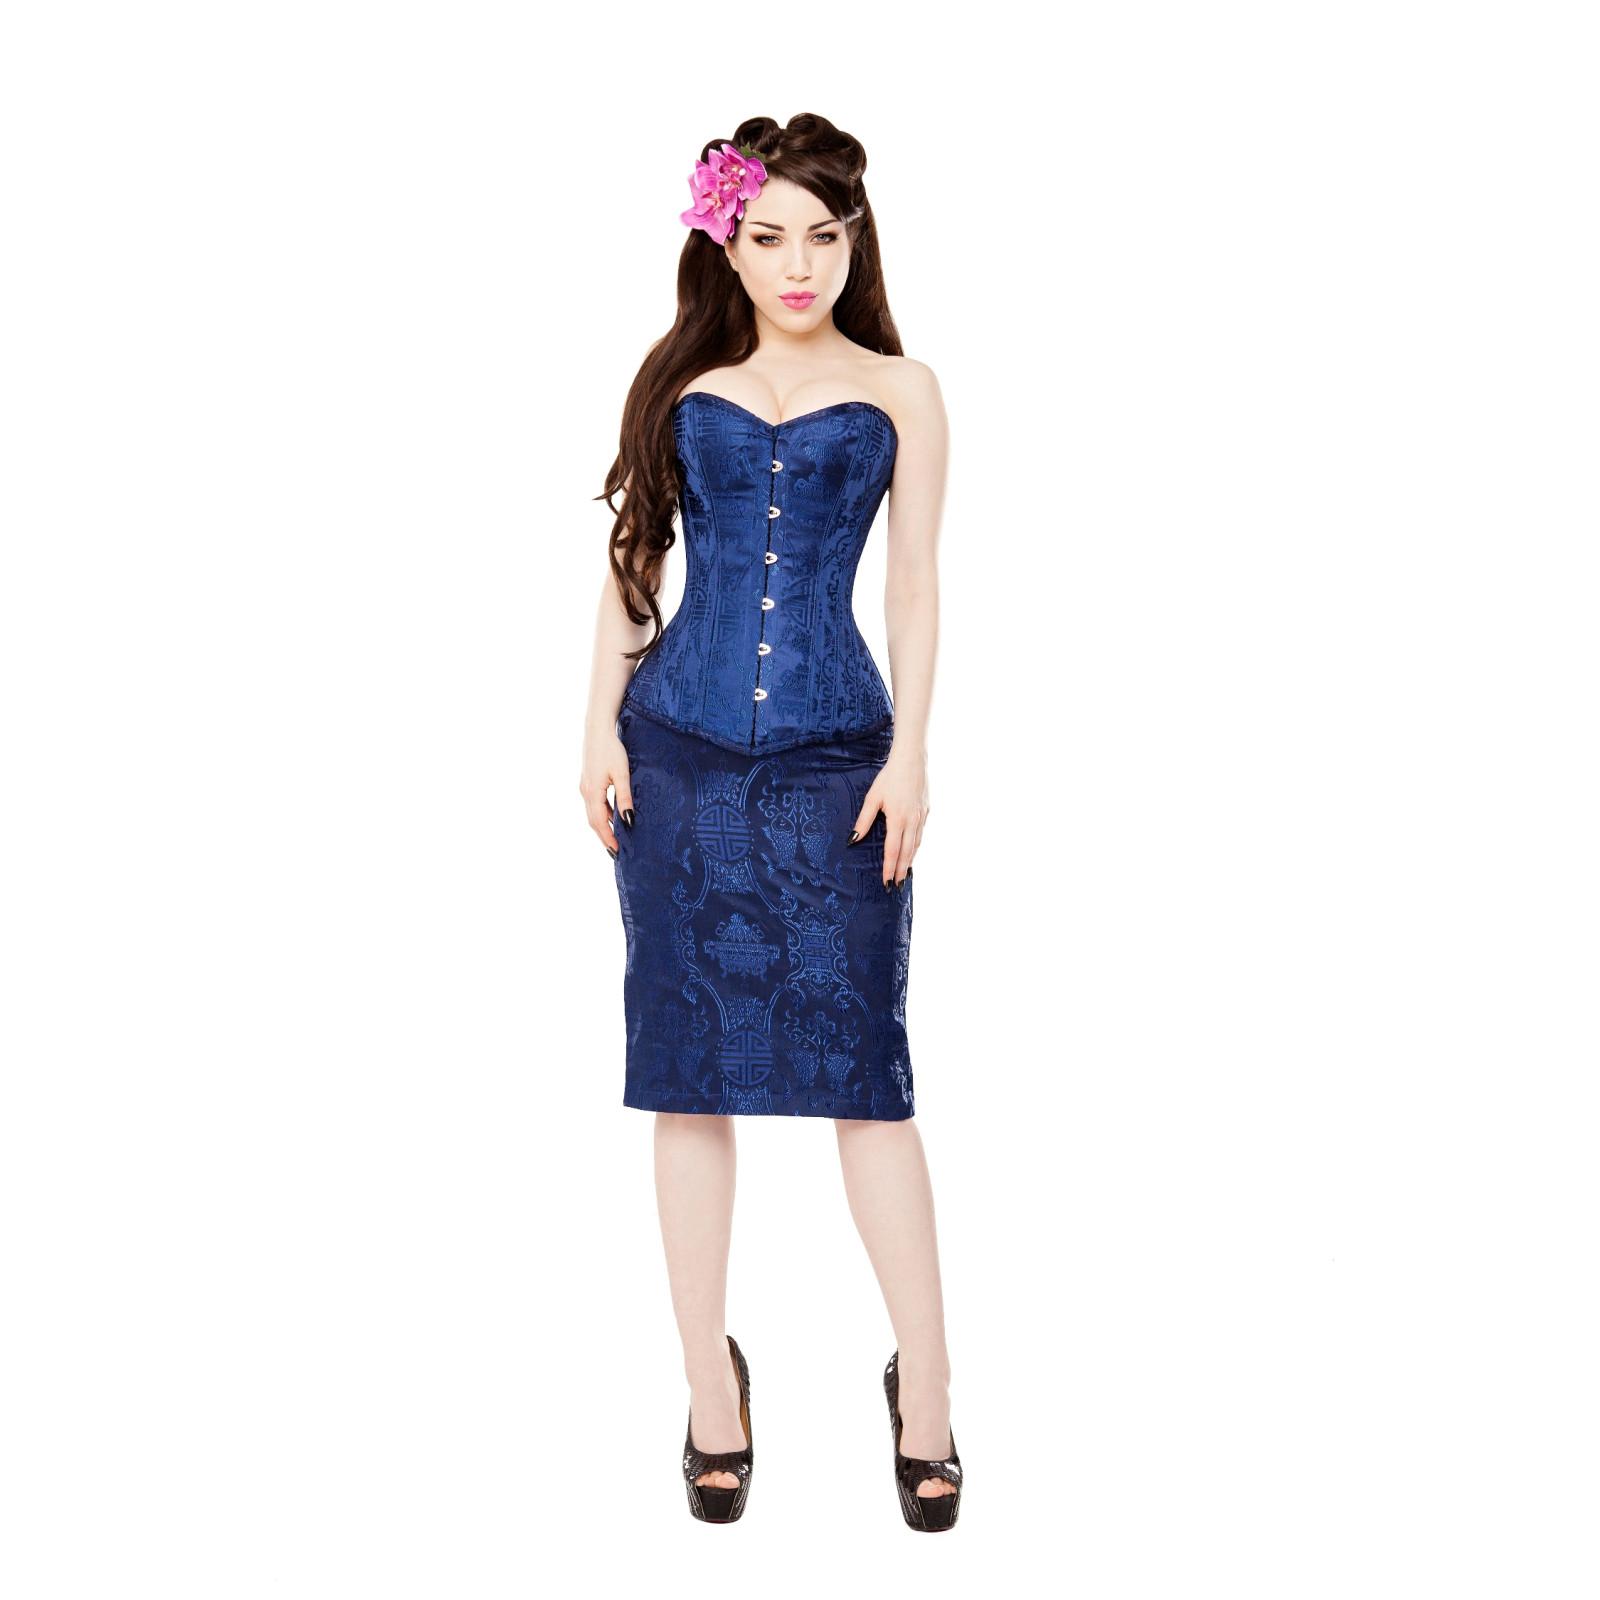 714208f09a Royal Blue Brocade Corset & Blue Skirt